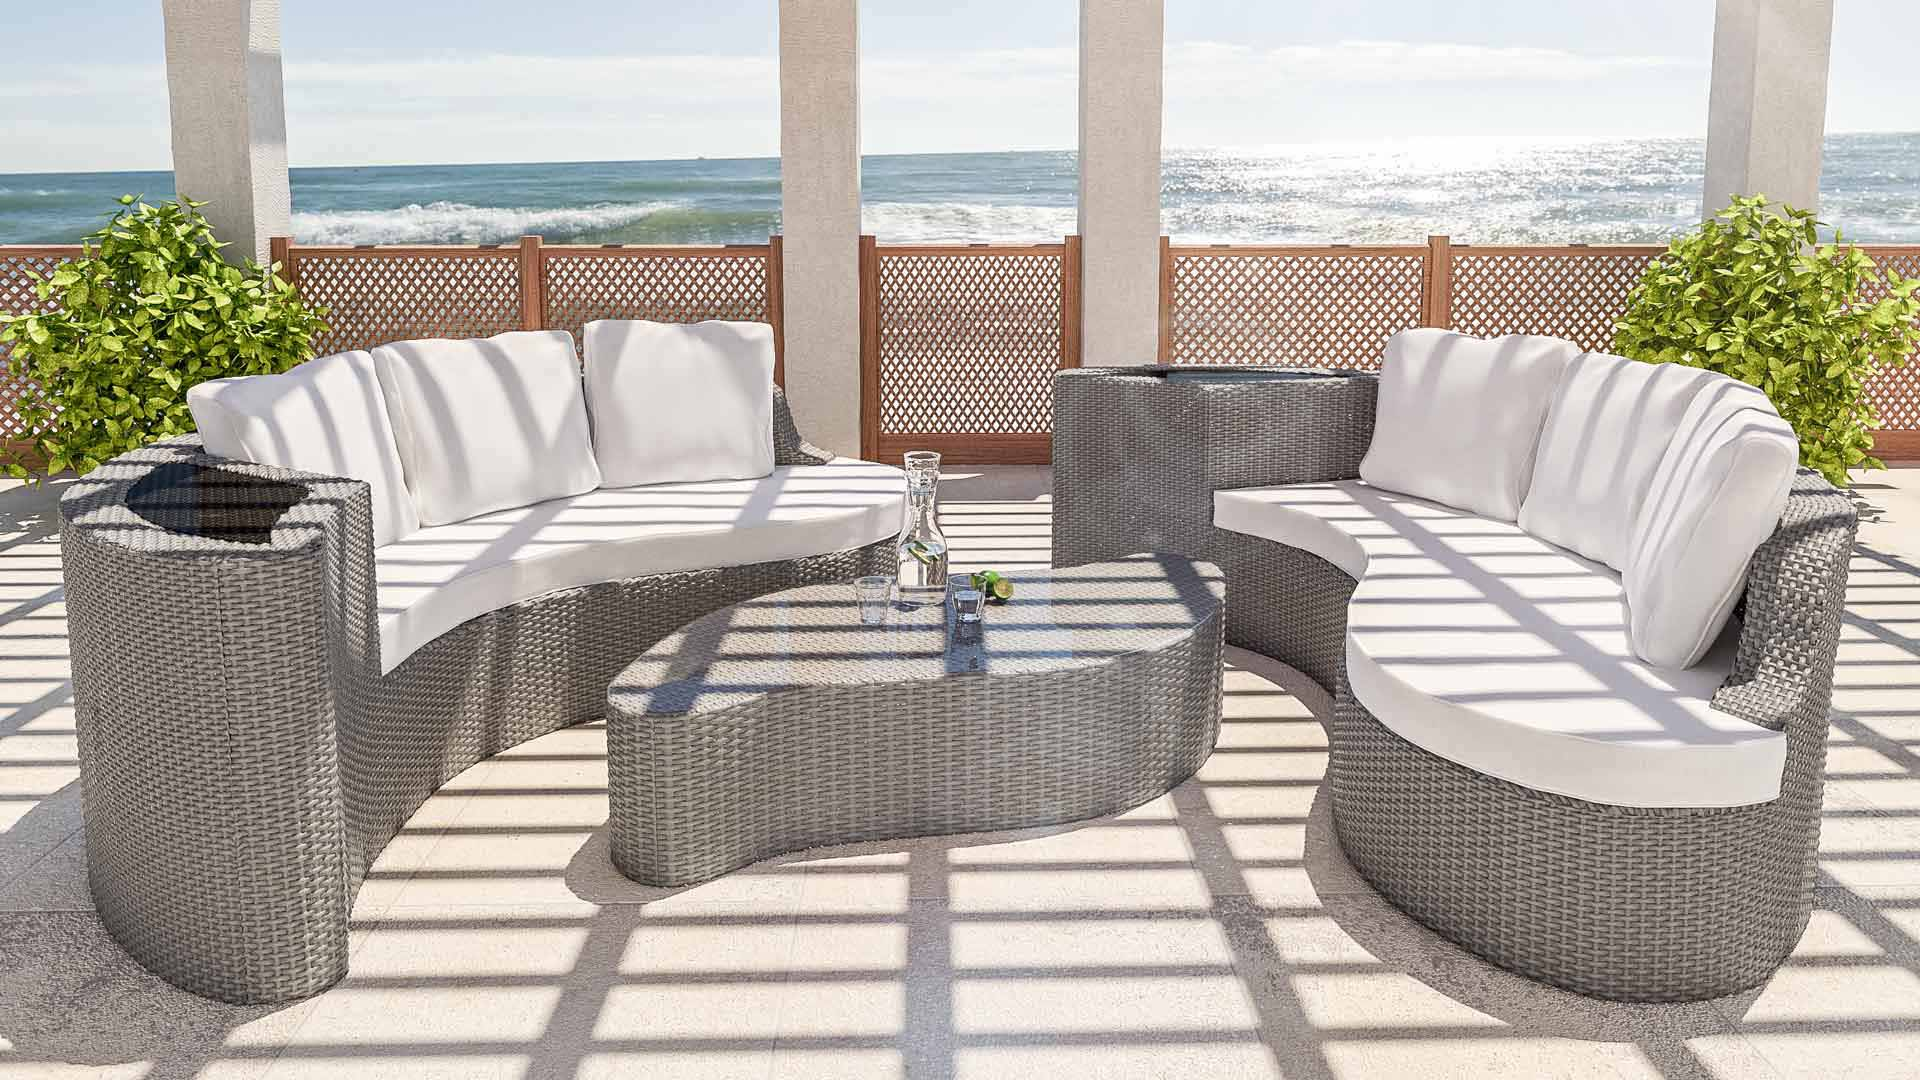 Artelia rattaninsel f r garten und terrasse aus polyrattan - Salon de jardin design luxe ...